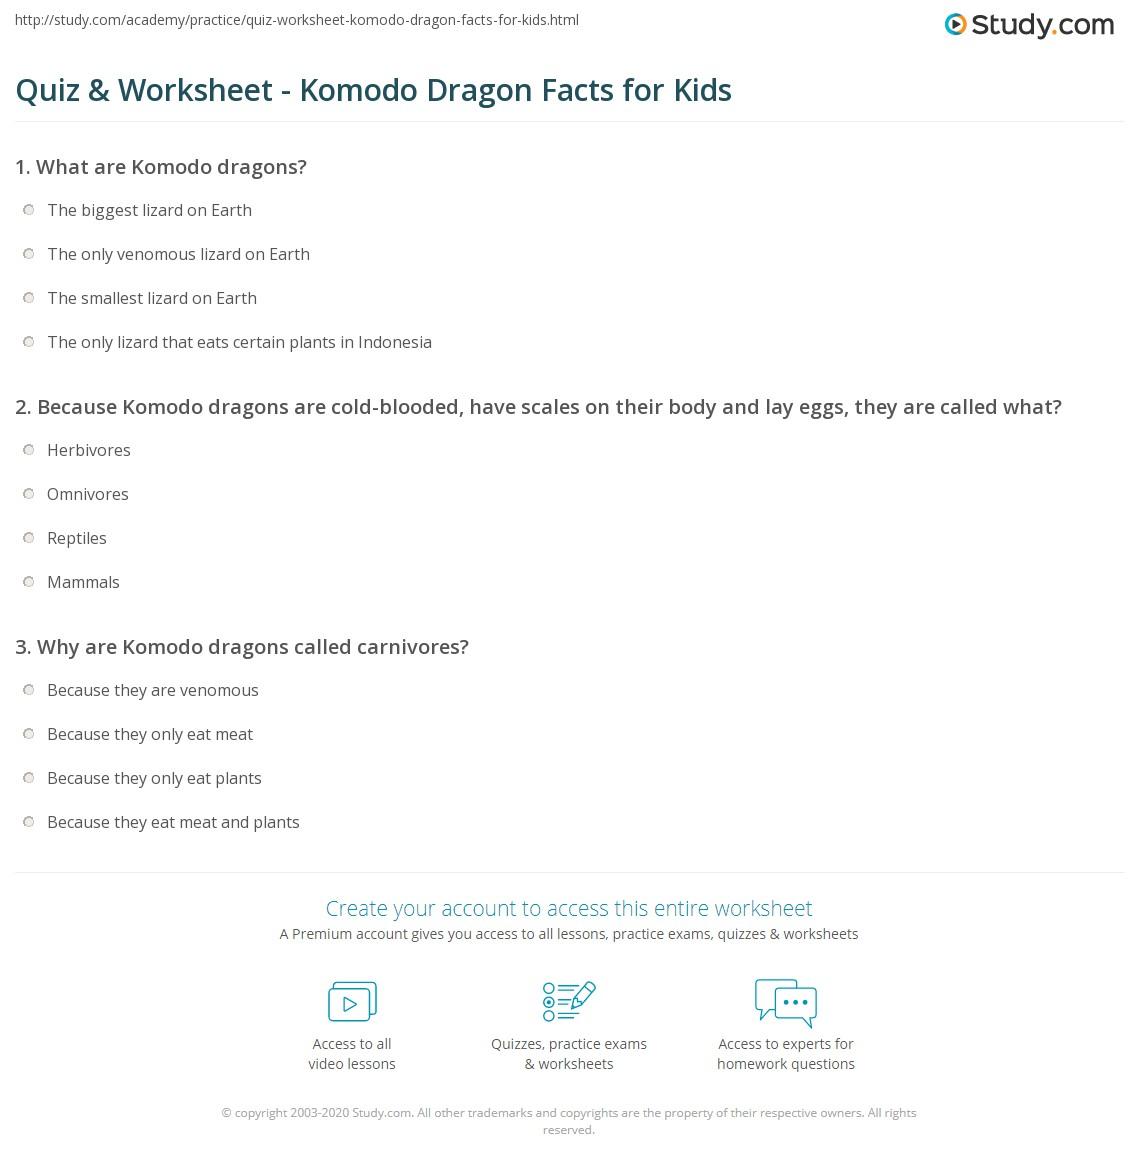 quiz worksheet komodo dragon facts for kids. Black Bedroom Furniture Sets. Home Design Ideas